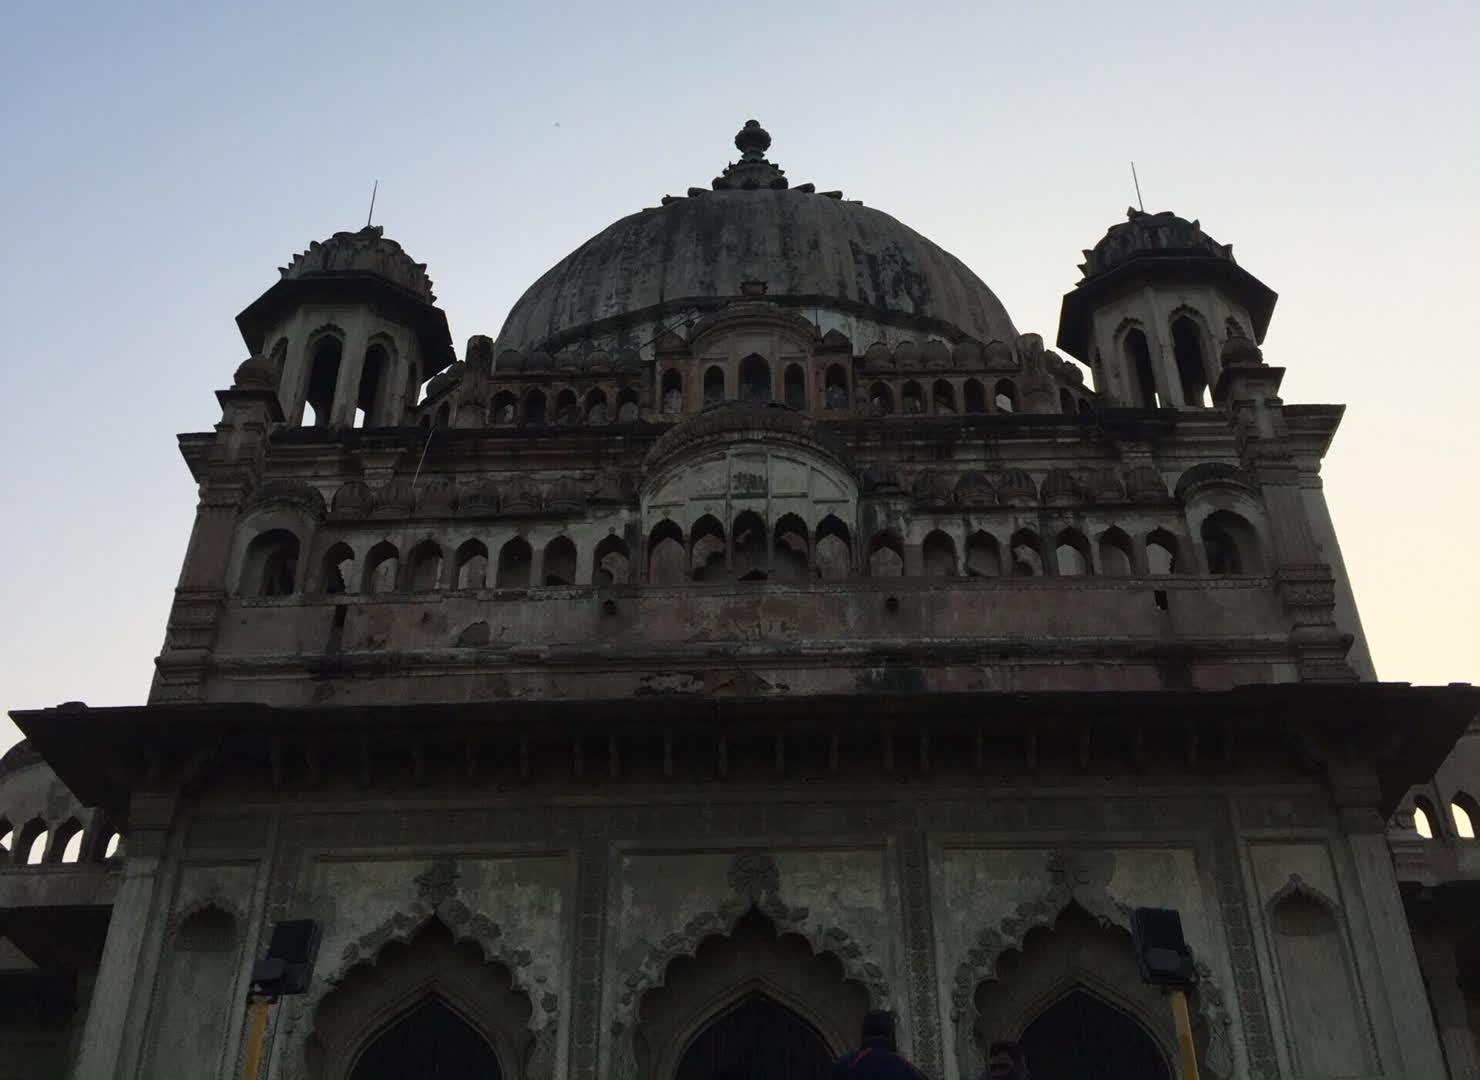 The dome of Saadat Ali's Tomb